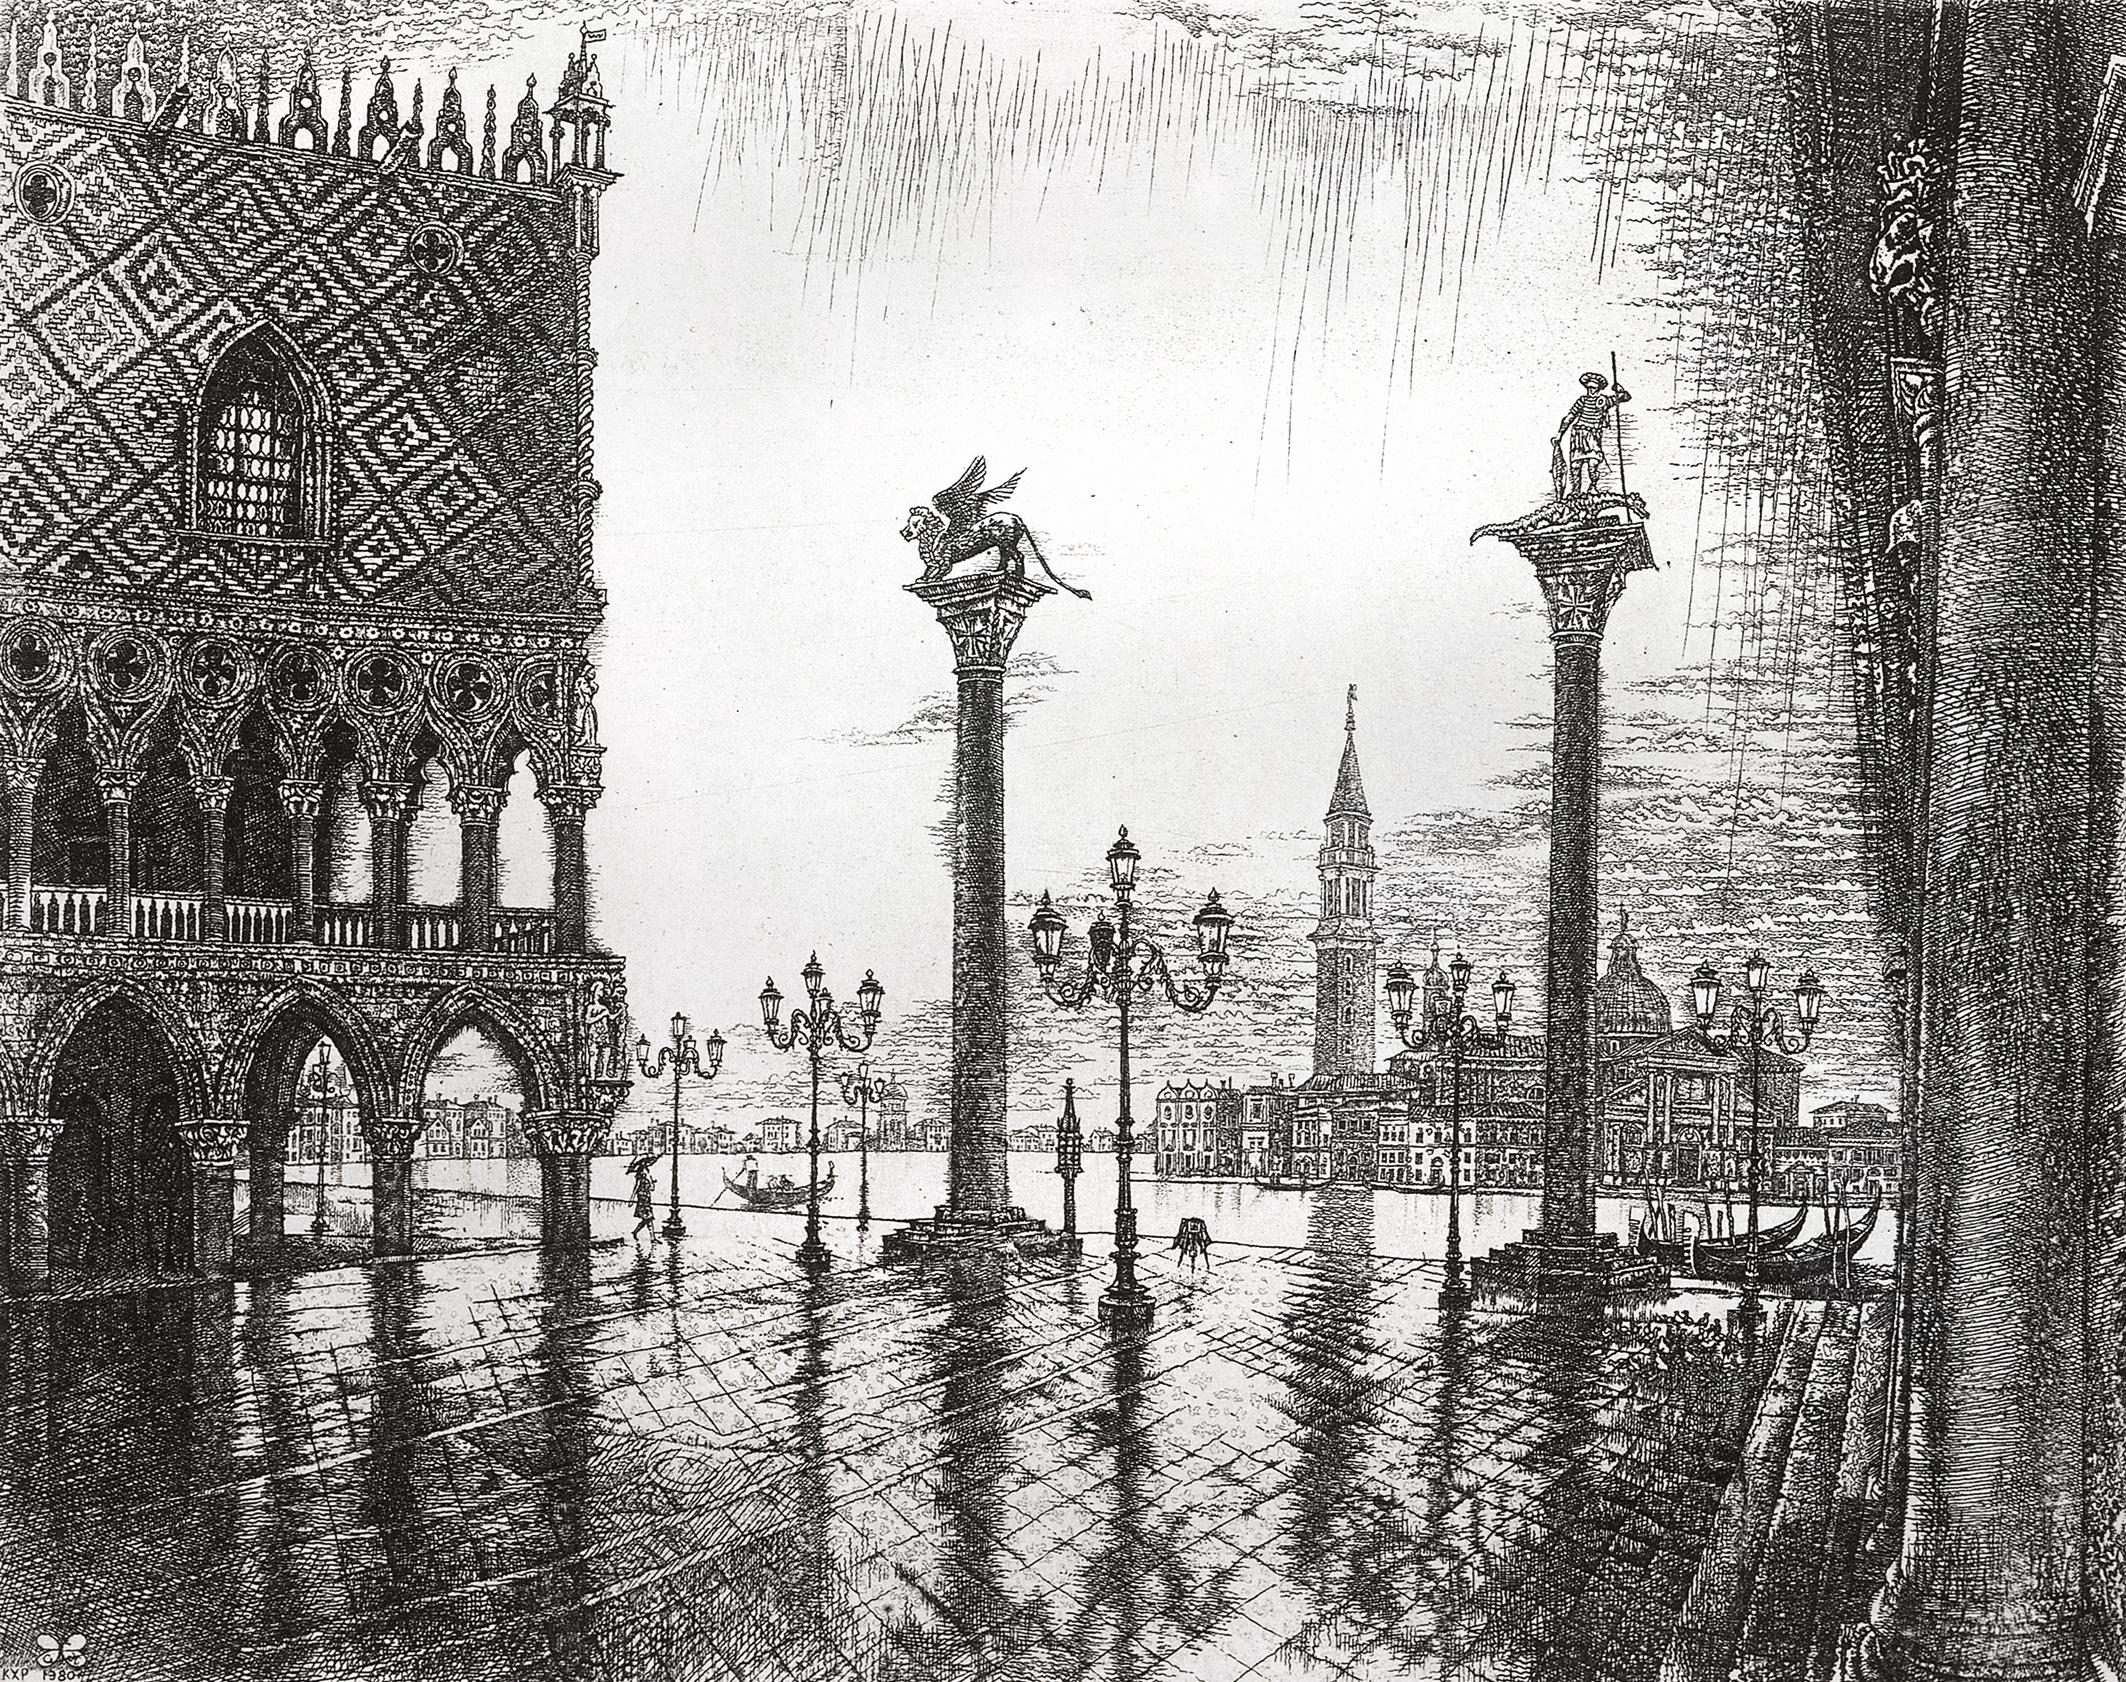 Piazzetta. Venice